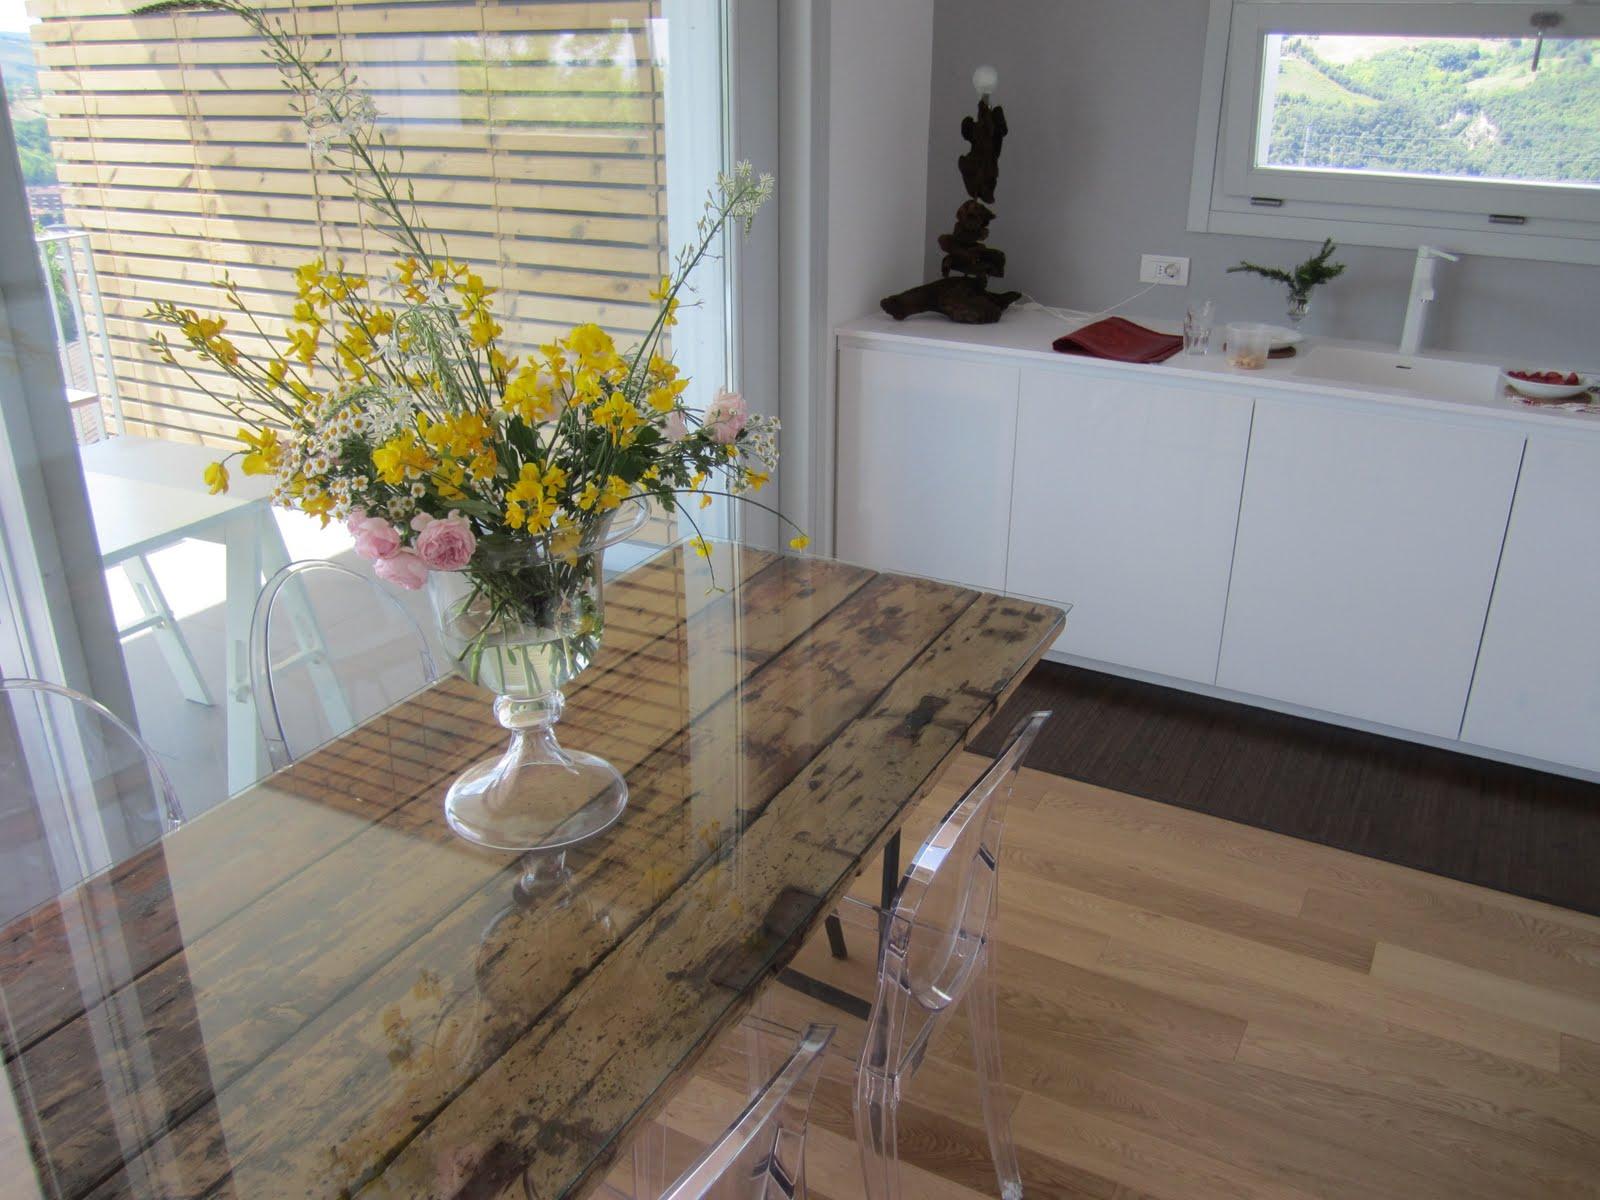 Sedie Da Cucina Ikea. Tavoli E Sedie Per Cucina Ikea. Tavoli E Sedie #B1981A 1600 1200 Ikea Tavoli E Sedie Da Bar